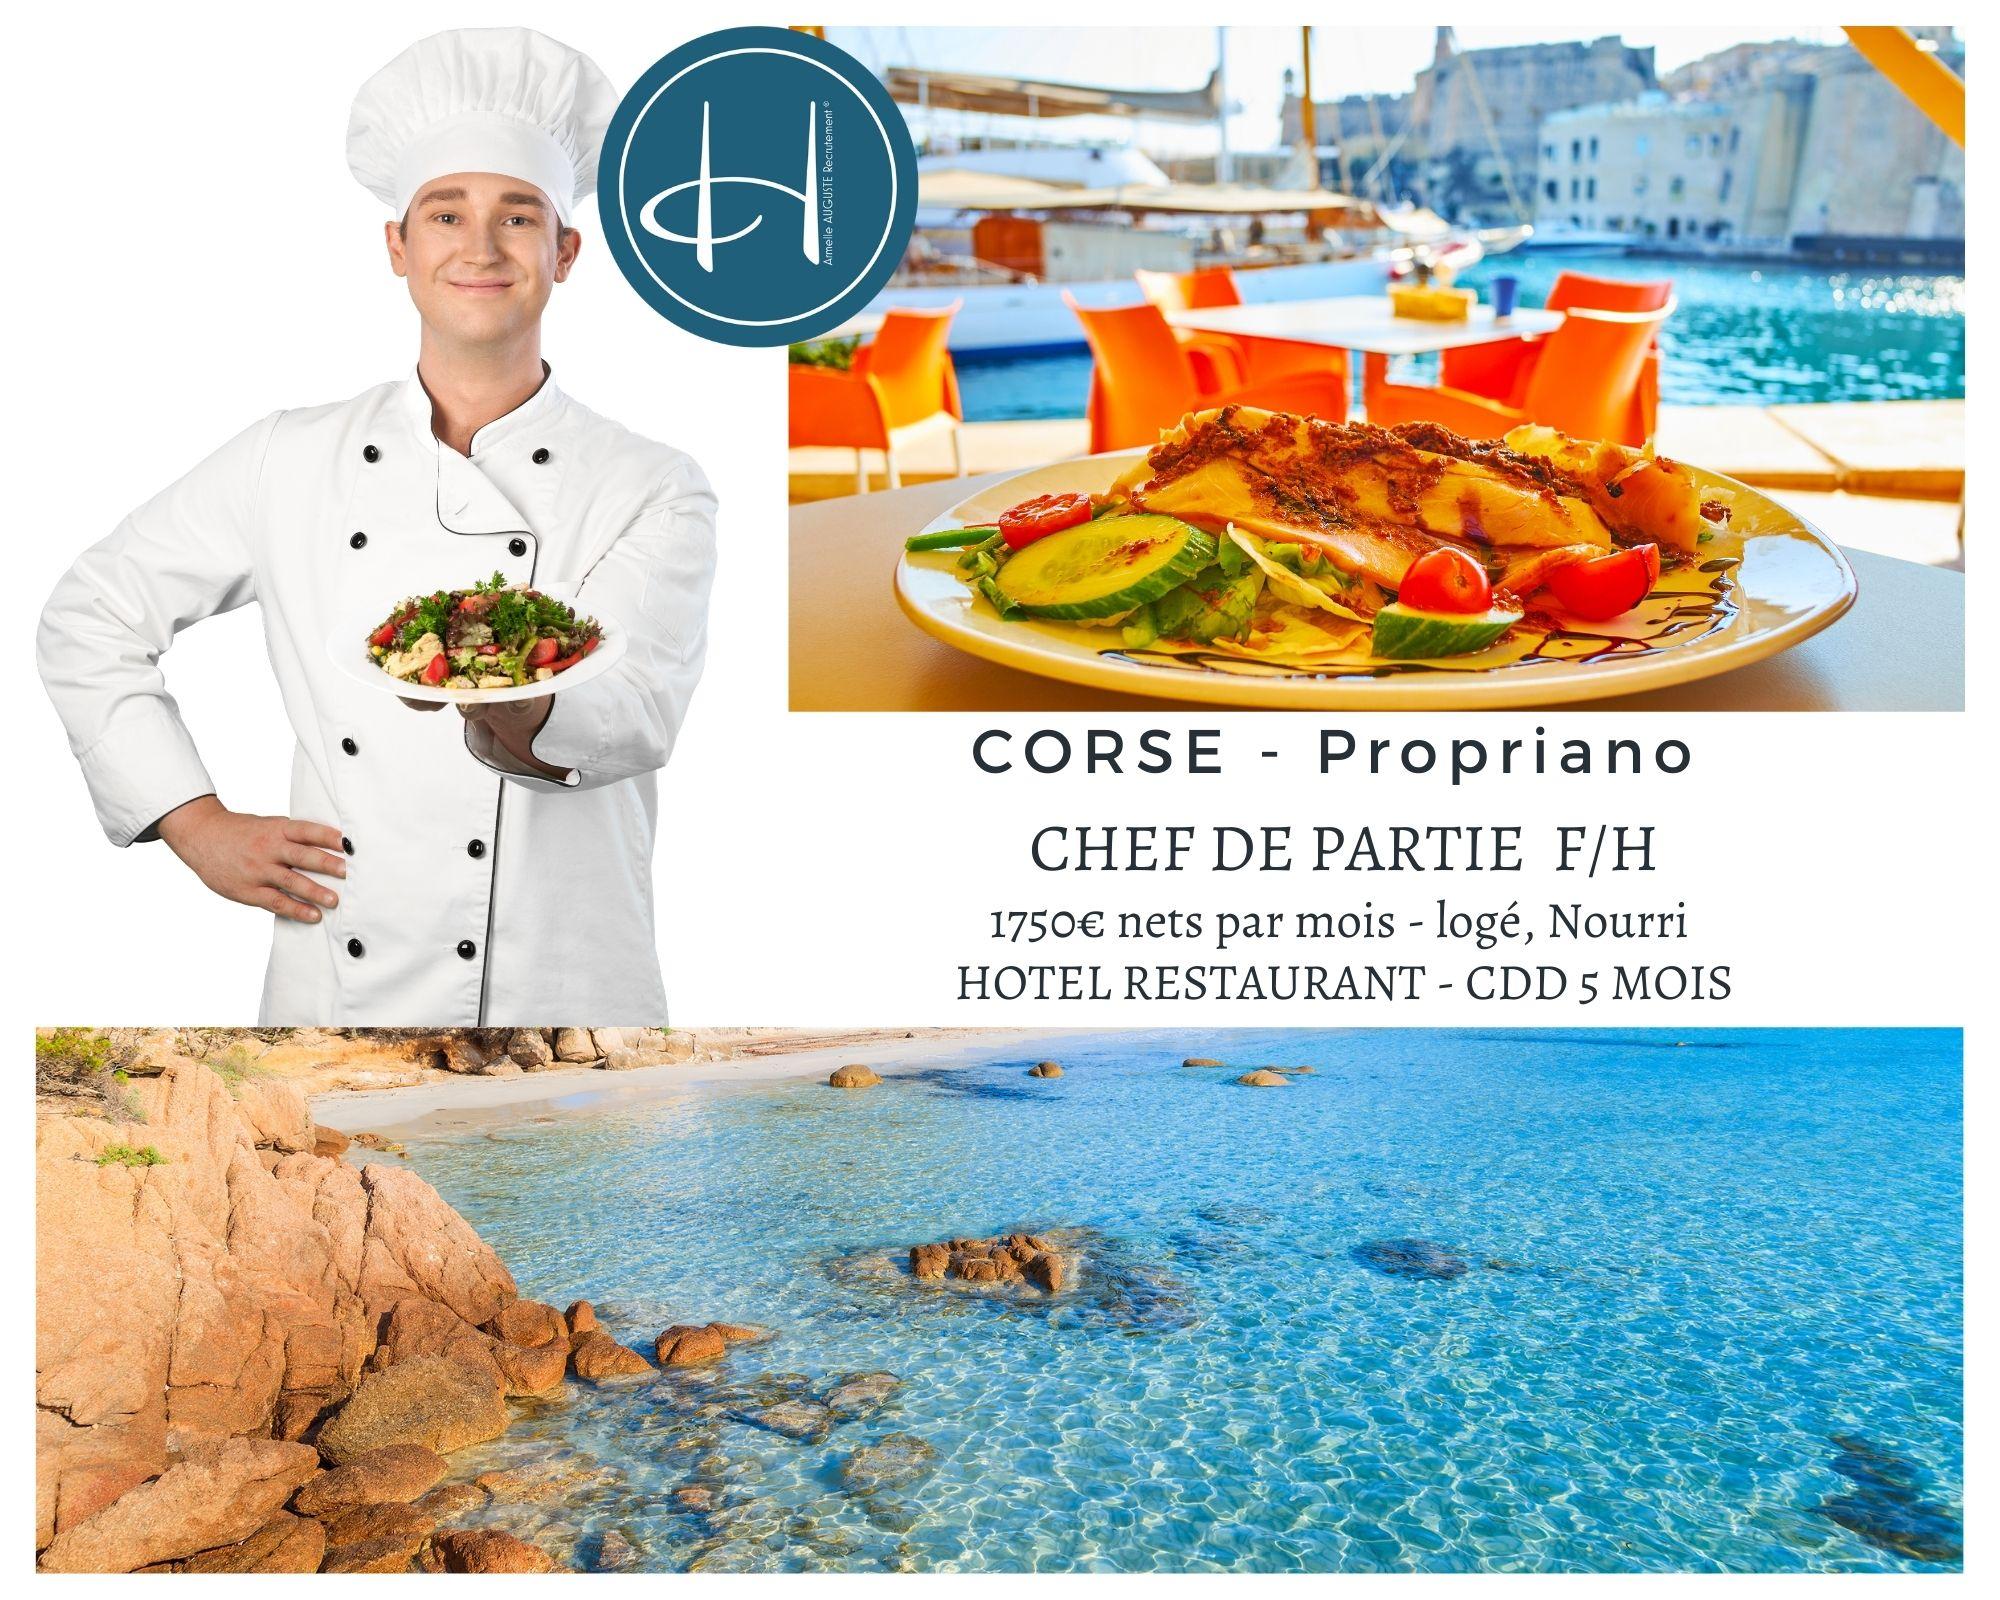 Recrutement: Chef de partie chaud/froid en Corse Propriano saison été 2021 F/H chez Armelle AUGUSTE Recrutement® à Propriano